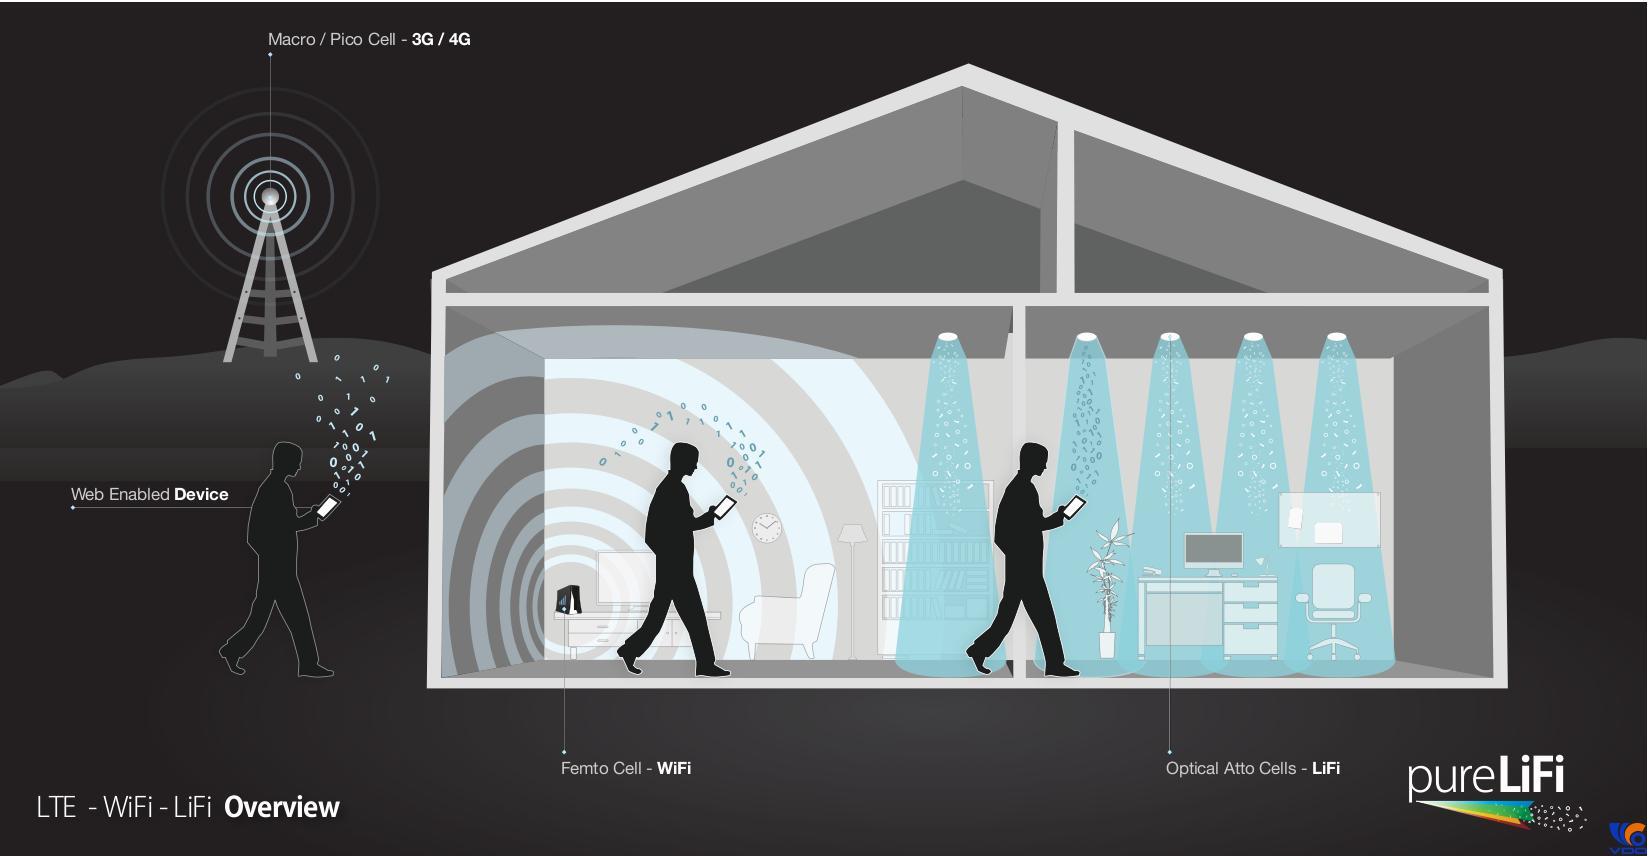 Bóng đèn LED có thể giúp điện thoại và máy tính kết nối Internet